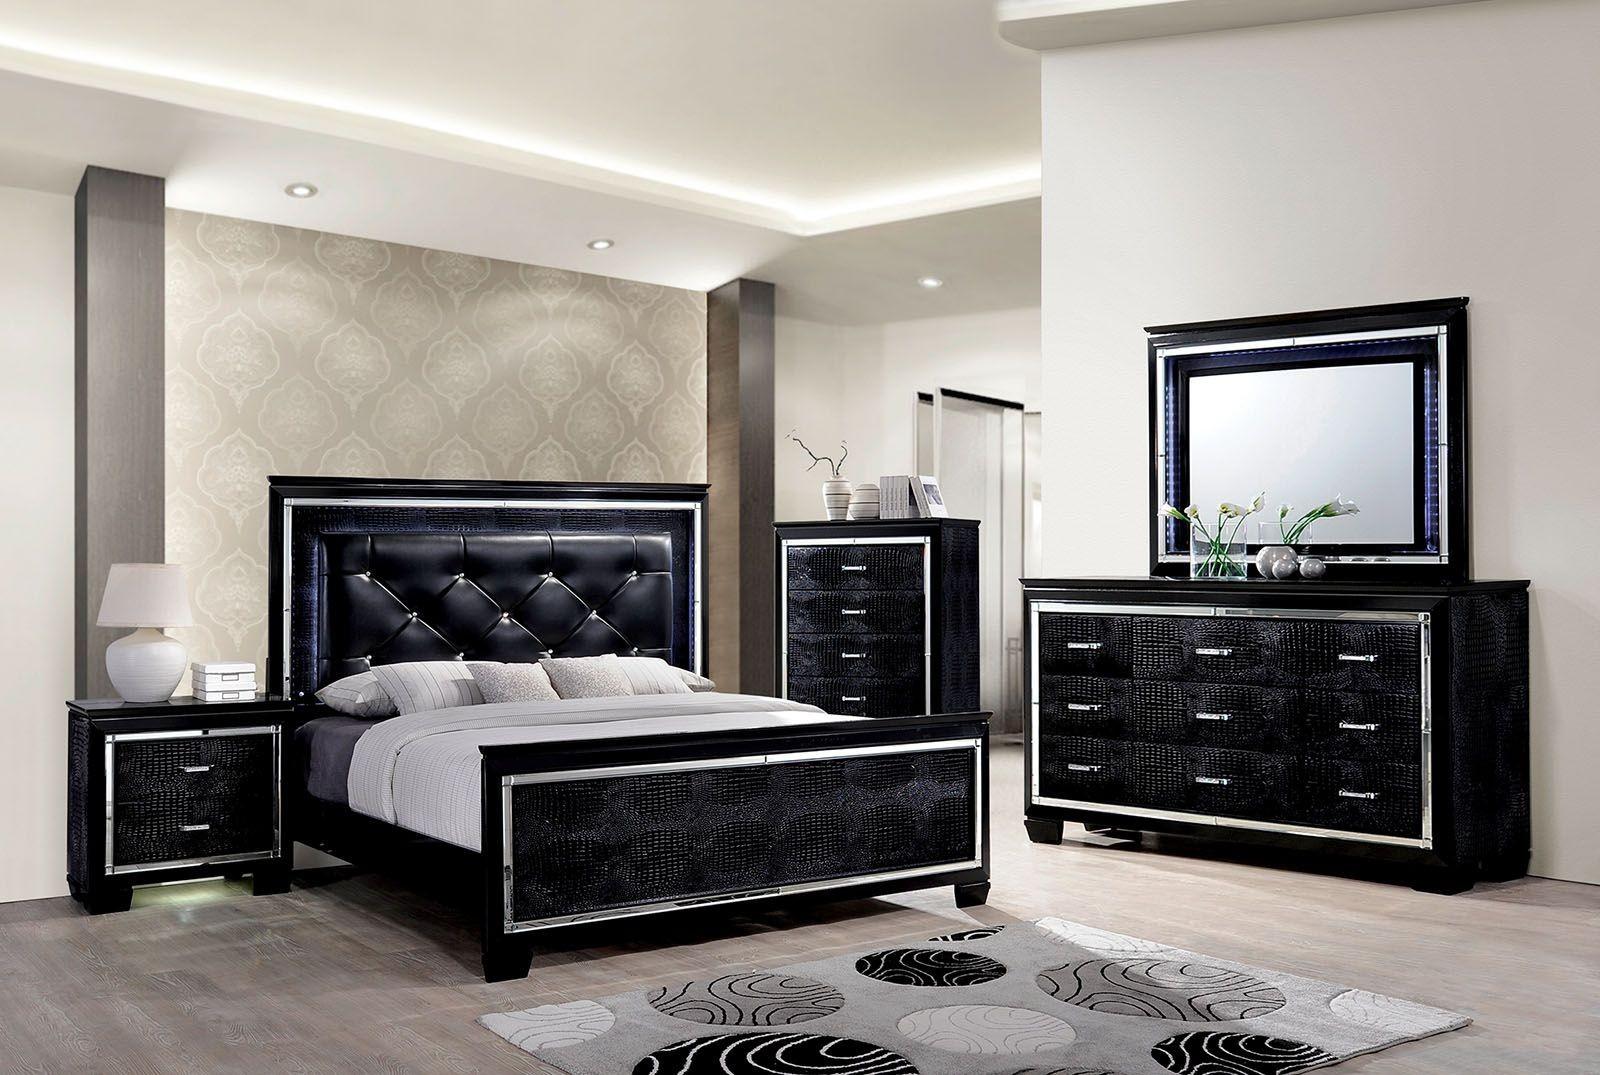 Black upholstered